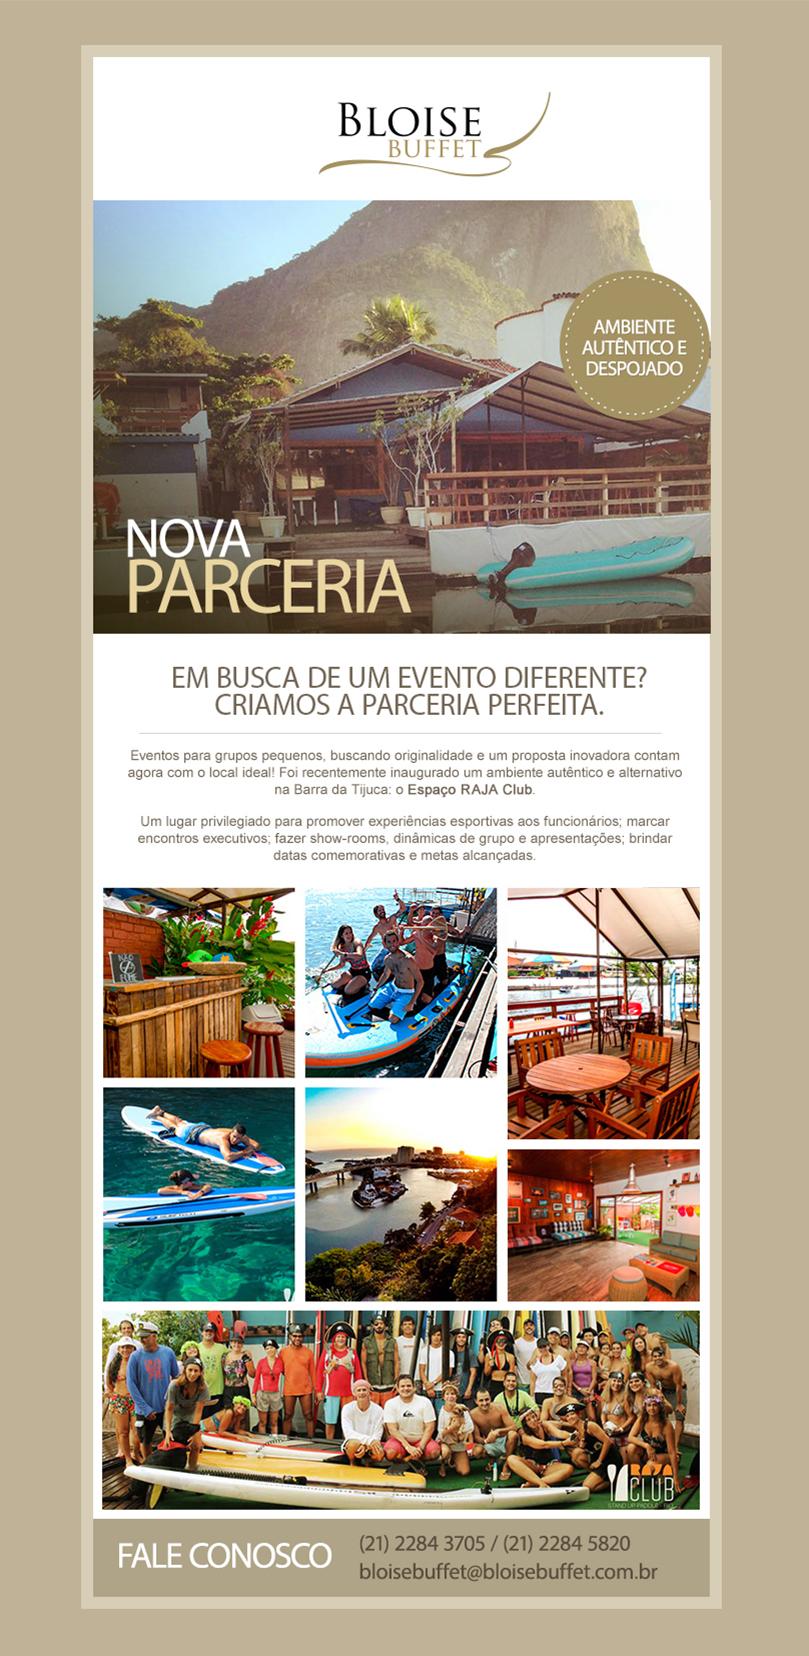 teaser_servicos_apr15_raja